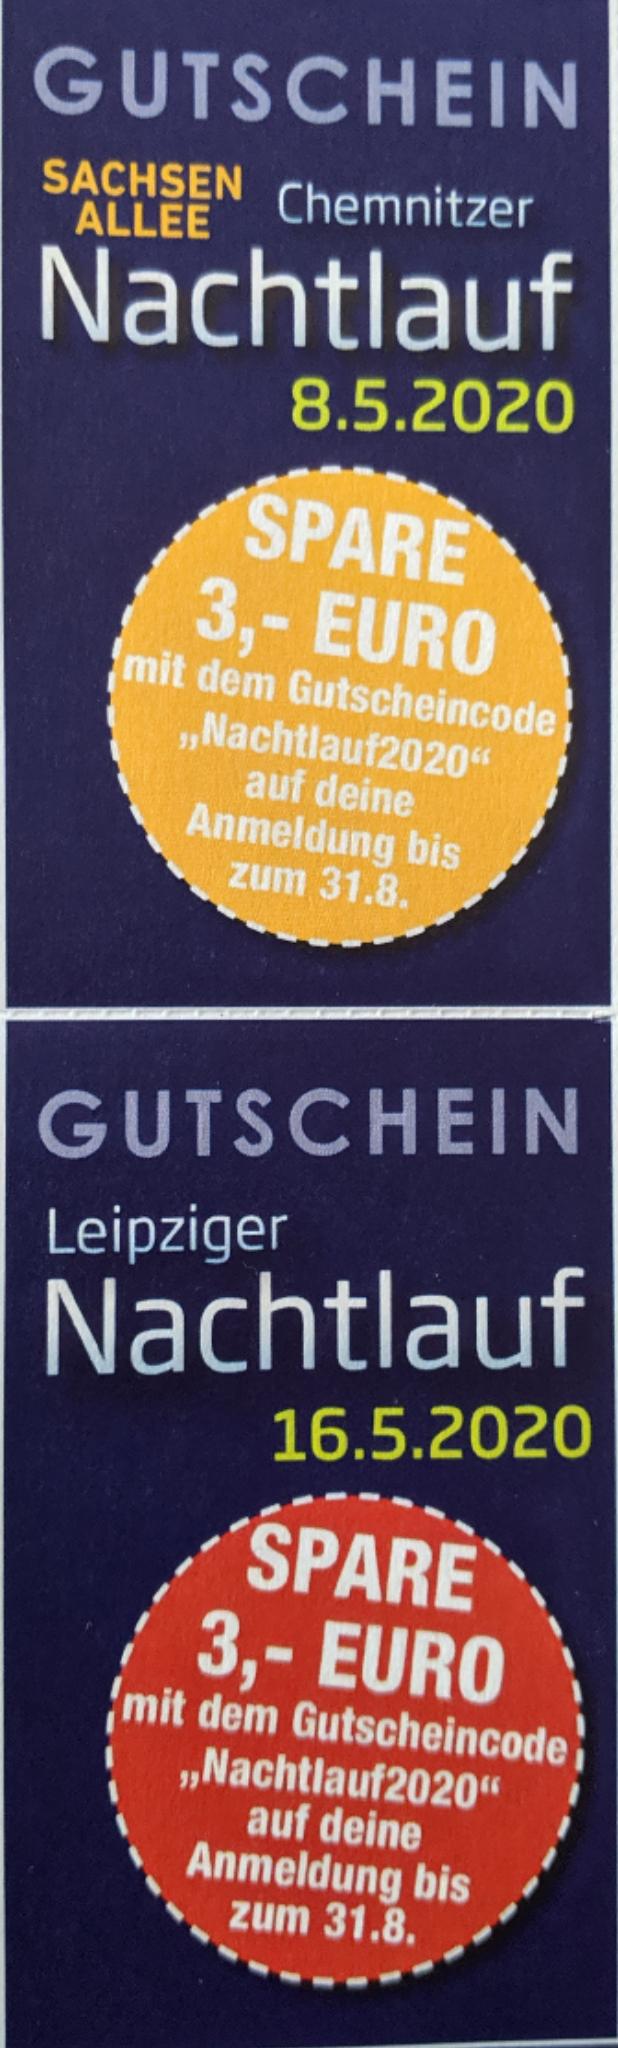 Nachtlauf Leipzig / Chemnitz 2020 - spare 3 € auf die Anmeldung bis 31.08.2019